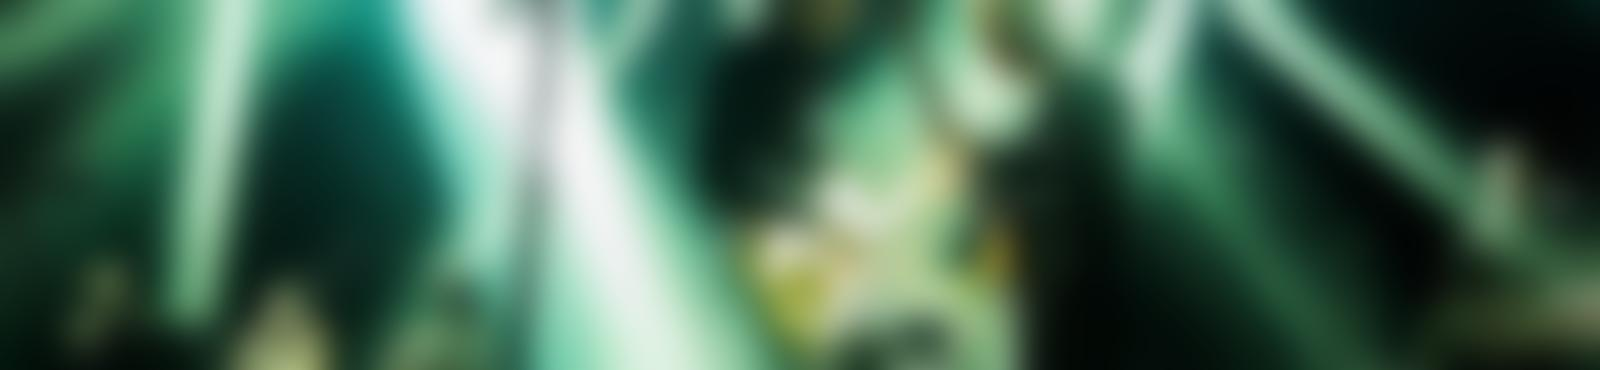 Blurred 06f74b80 38fd 4462 a578 c192af115a5d